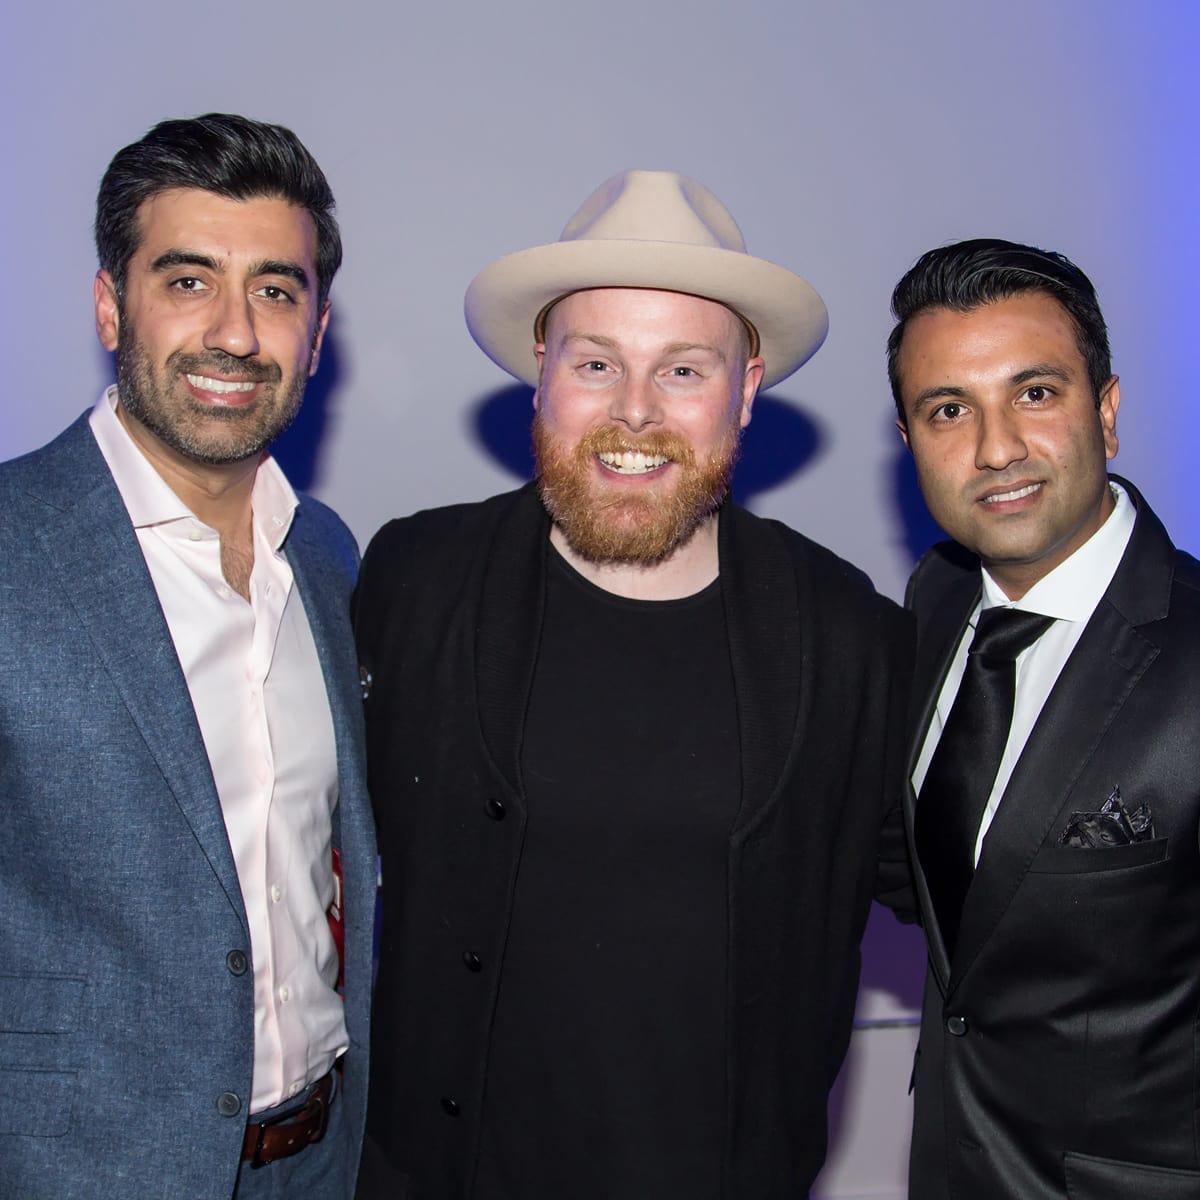 Matt Alexander, Sohail Dar, Imran Sheikh